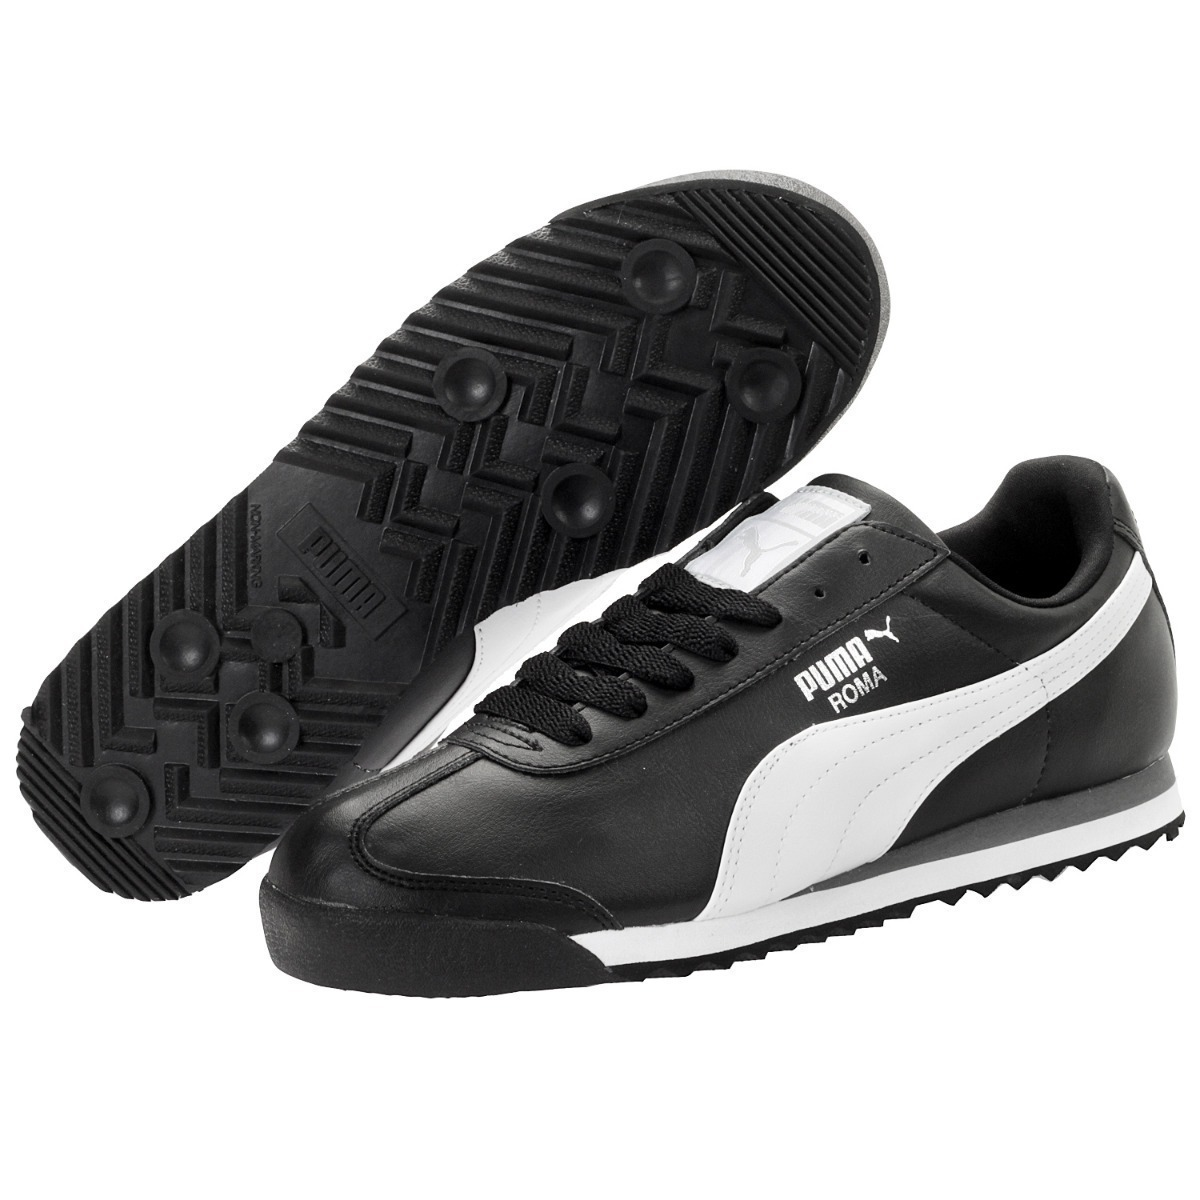 Zapatillas Tenis Puma Roma Hombre Original